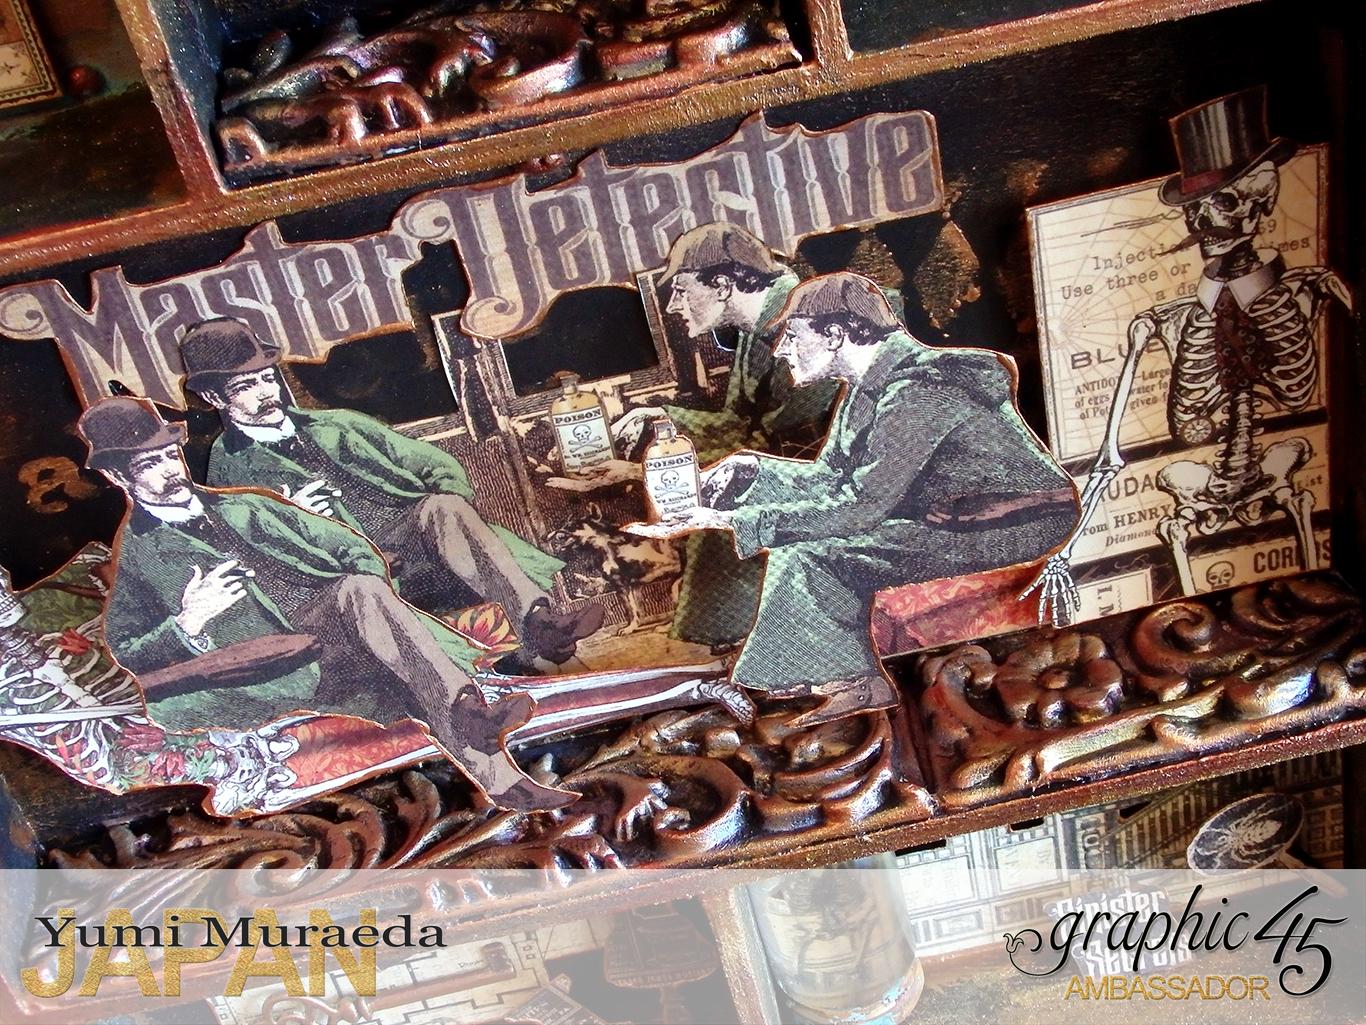 8yuyu3MasterdetactiveSecretRoomdesignbyYumiMuraedaProductByGraphic45.jpg